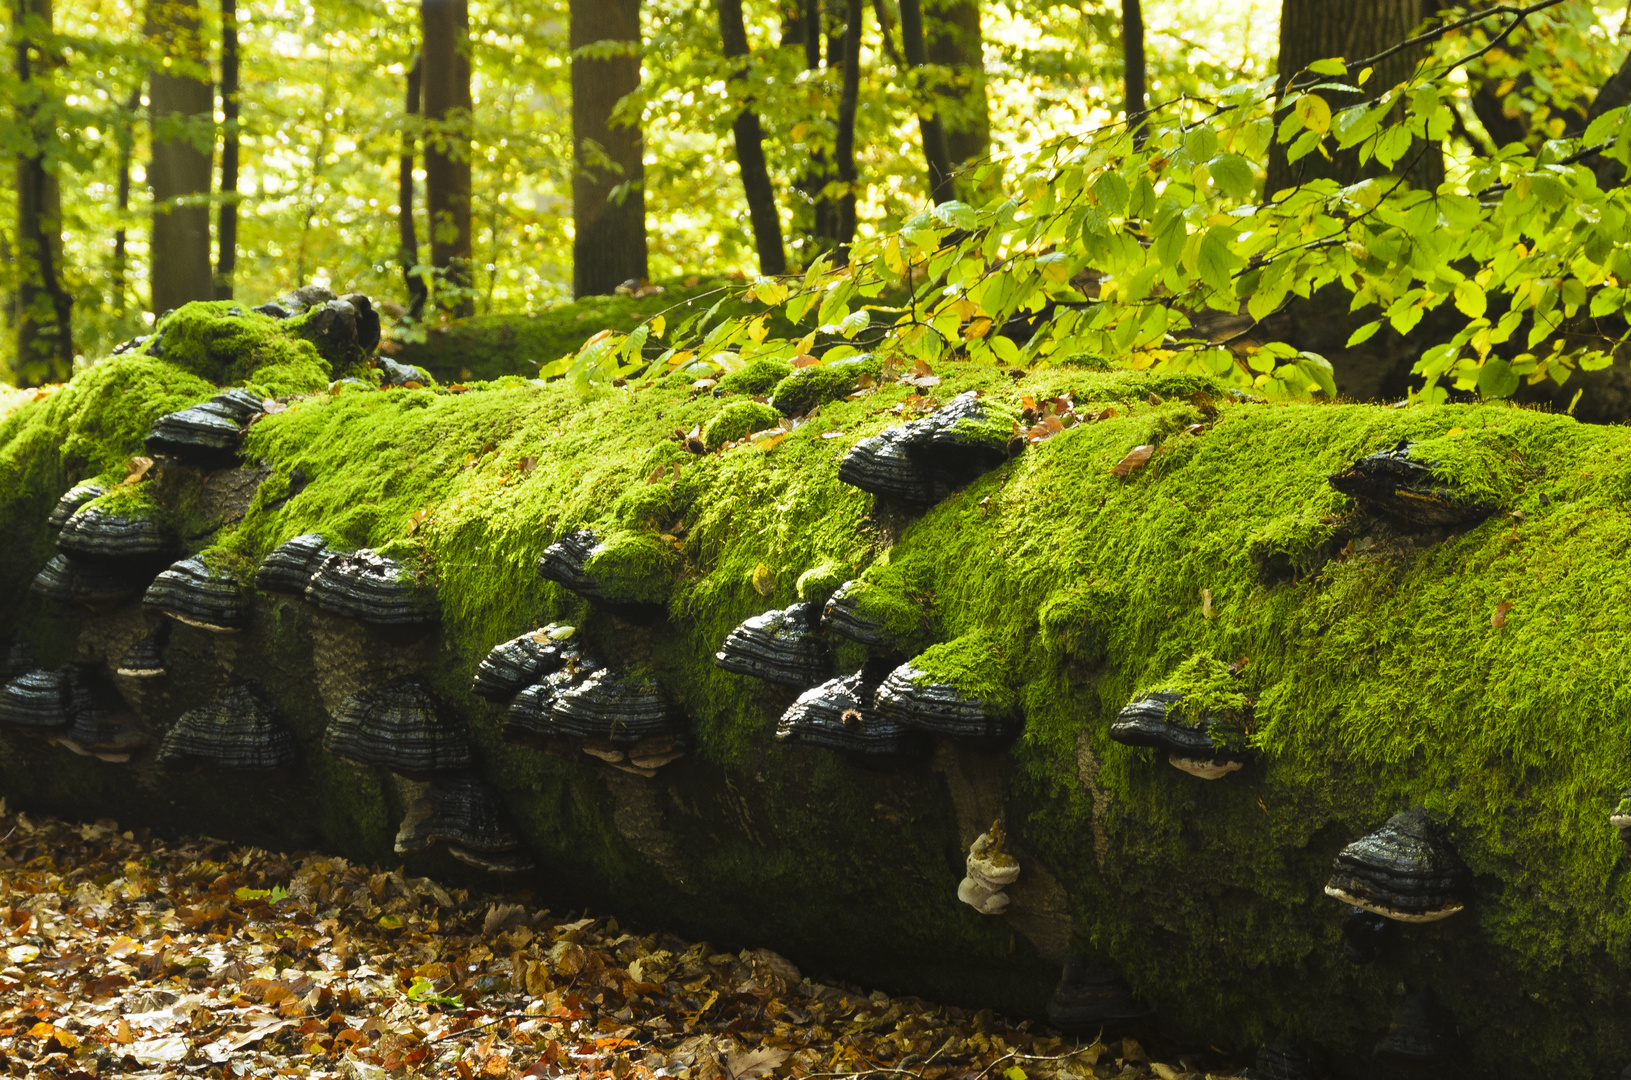 Totholz mit Zunderschwämmen